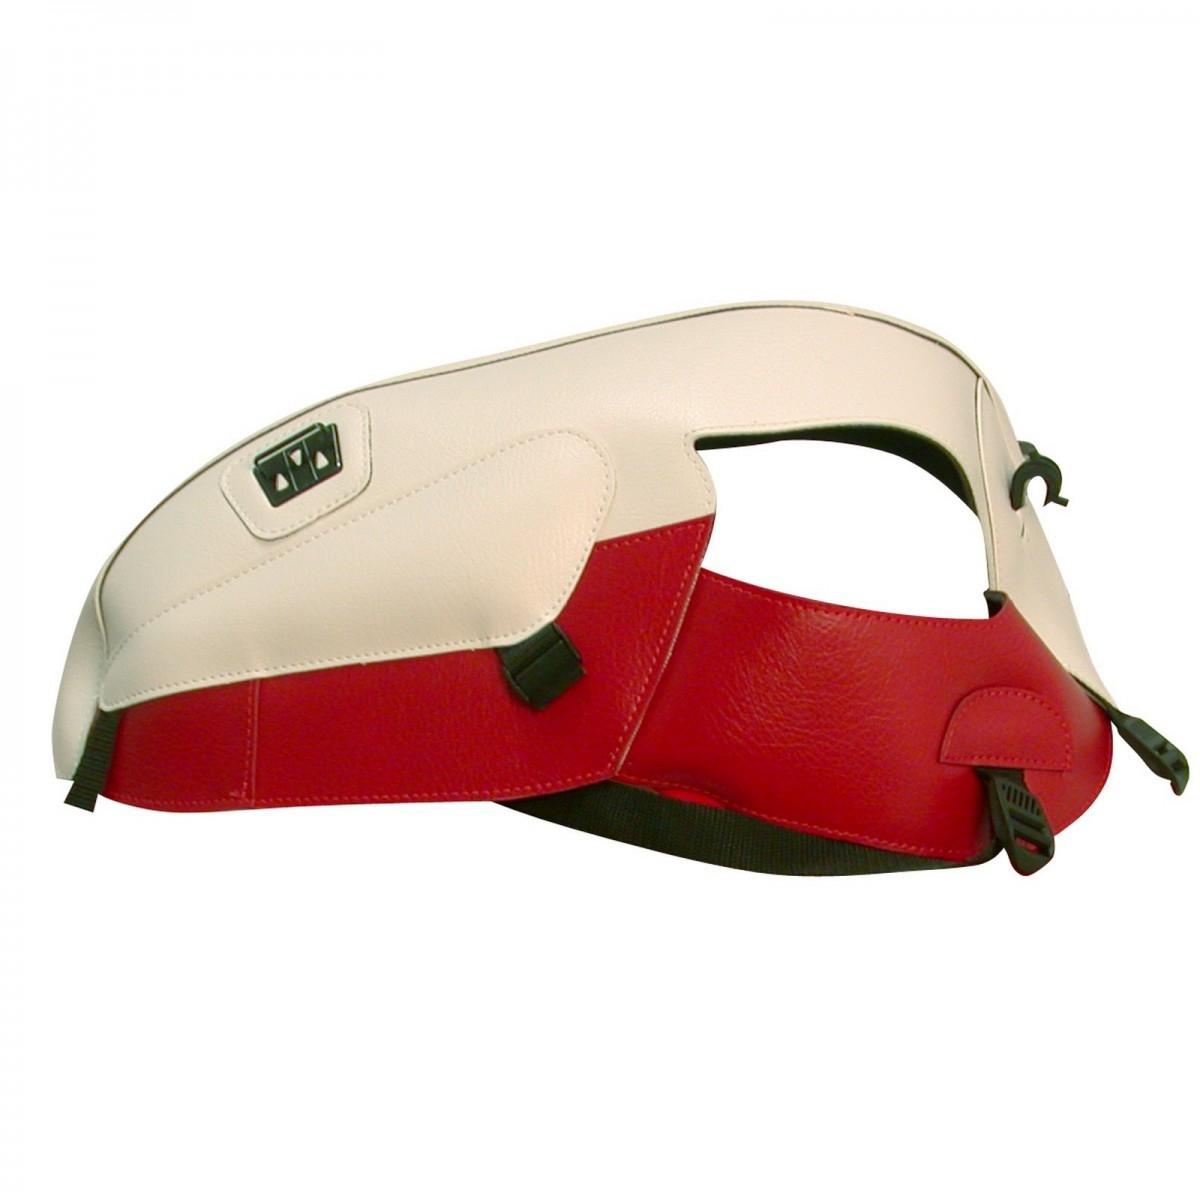 Protège-réservoir Bagster Triumph Scrambler 06-07 blanc/rouge fonce